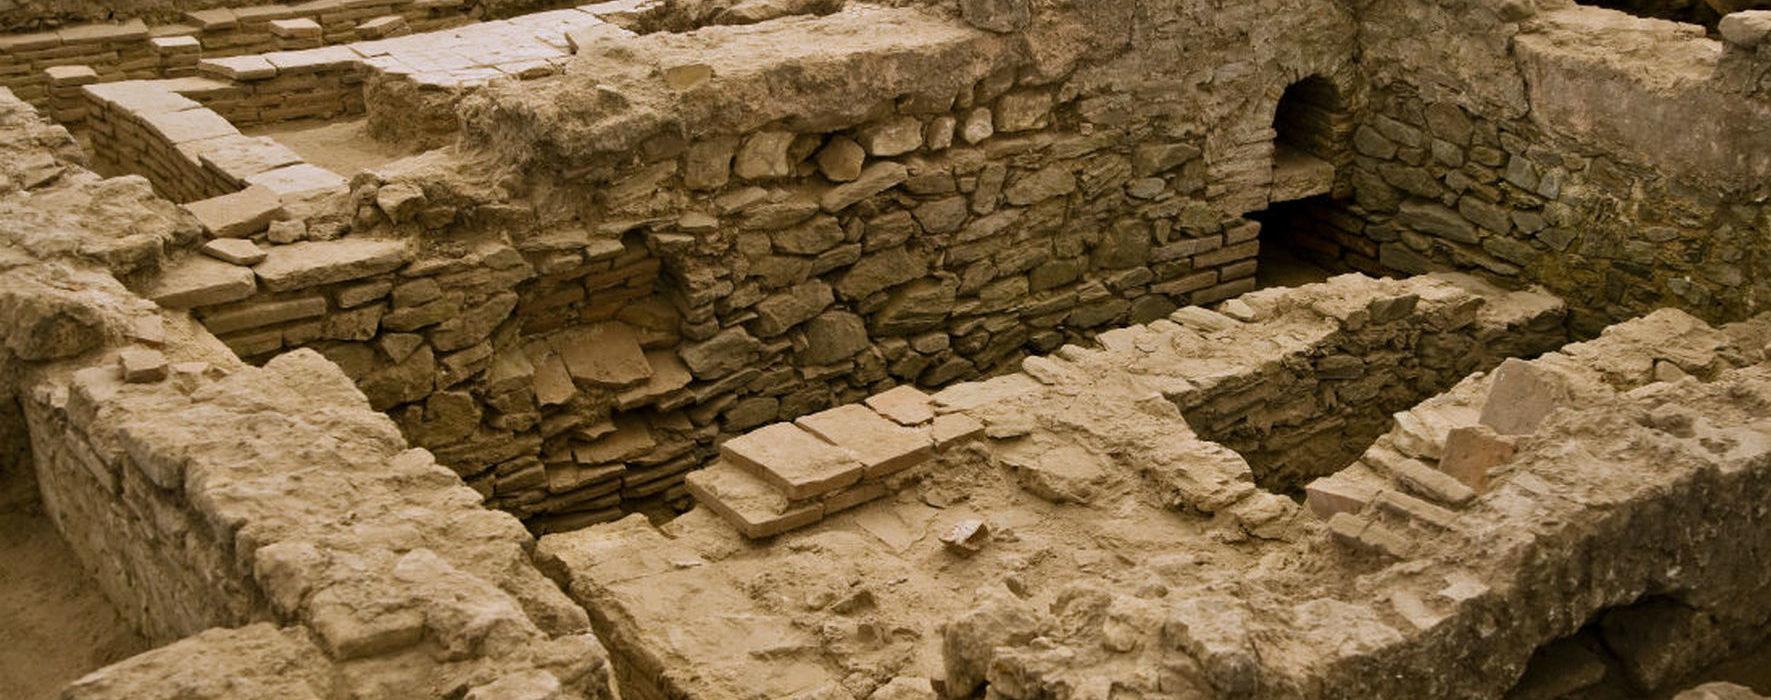 Сирмий — древнеримский город Сербии (Sirmium)